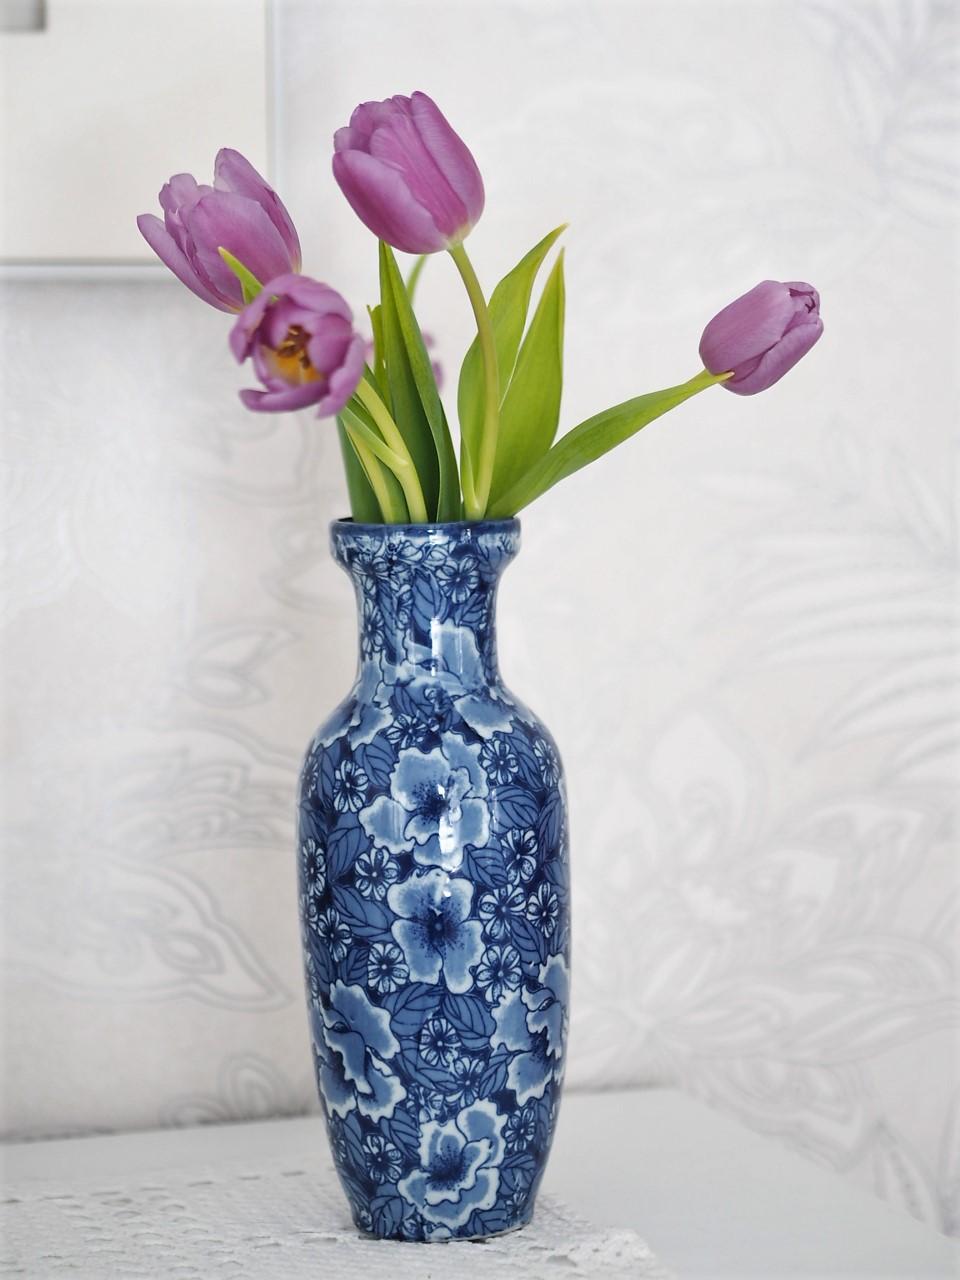 Viikon kirppislöytö: Hempeä kukkamaljakko